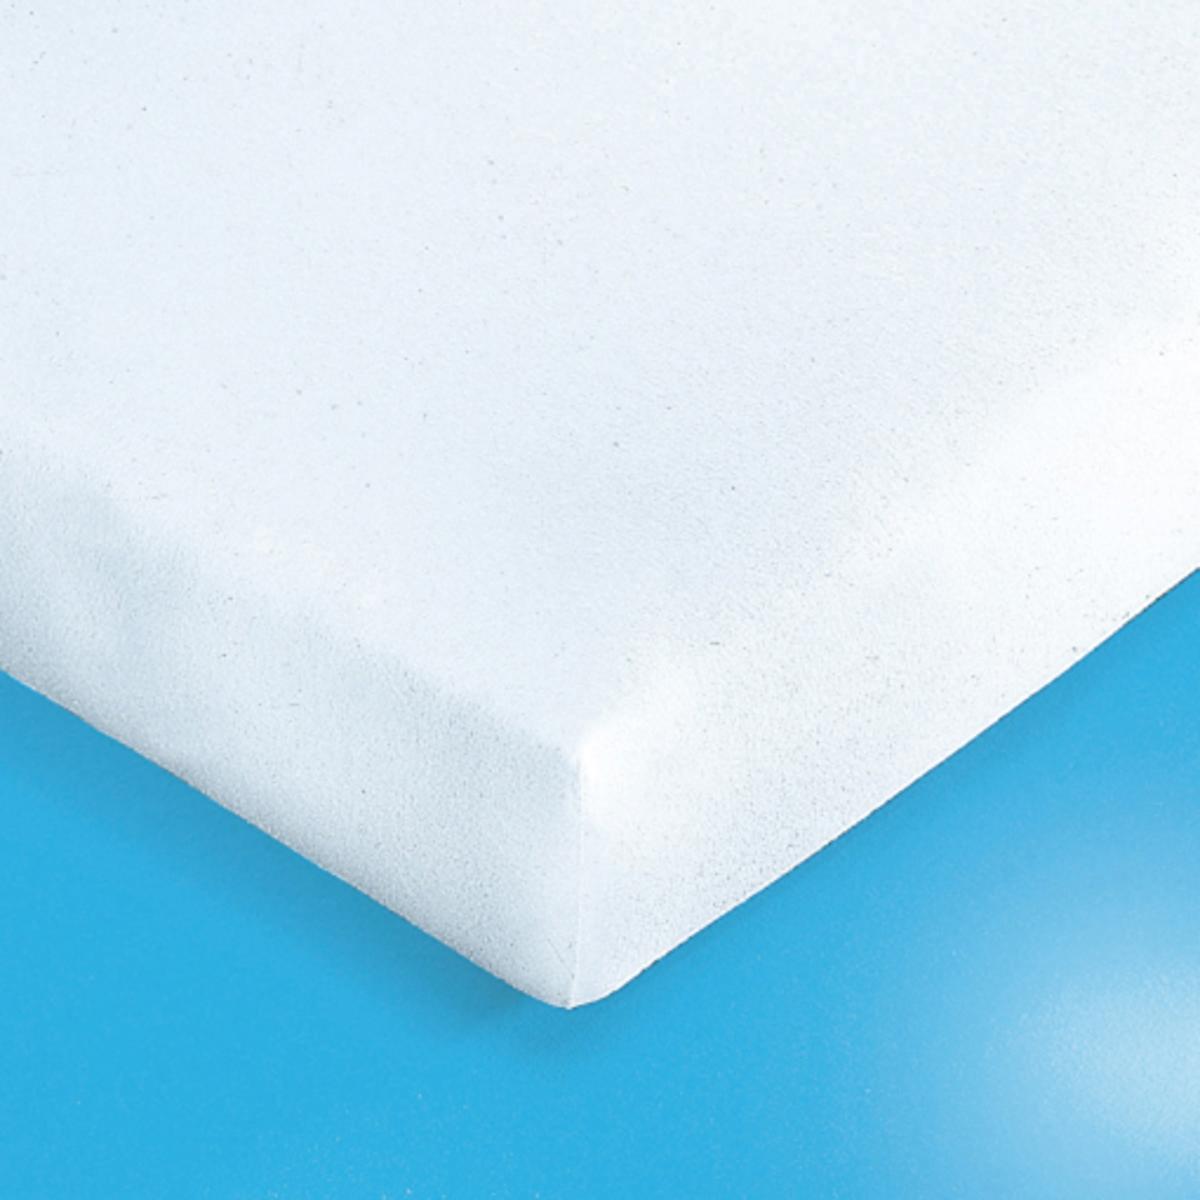 Чехол защитный на матрас из мольтона с пропиткойНадежная защита для Ваших постельных принадлежностей и уникальный комфорт для Вас: этот чехол поглощает потоотделения, выделение которых неизбежно во время сна, и защищает подушки и одеяла от появления разводов, скапливания бактерий и клещей.Мольтон с обработкой без применения растворителей не вызывает аллергических реакций.Подстилка в форме чехла из мольтона, 100% хлопок с начесом, оборотная сторона с акриловой пропиткой (280 г/м?), обработка SANITIZED против бактерий.Изделие с биоцидной обработкой Обеспечивает идеальную поддержку матрасов большой толщины (до 22 см).Можно кипятить при 95 °С с белизной.<br><br>Цвет: белый<br>Размер: 90 x 200 см.180 x 200 см